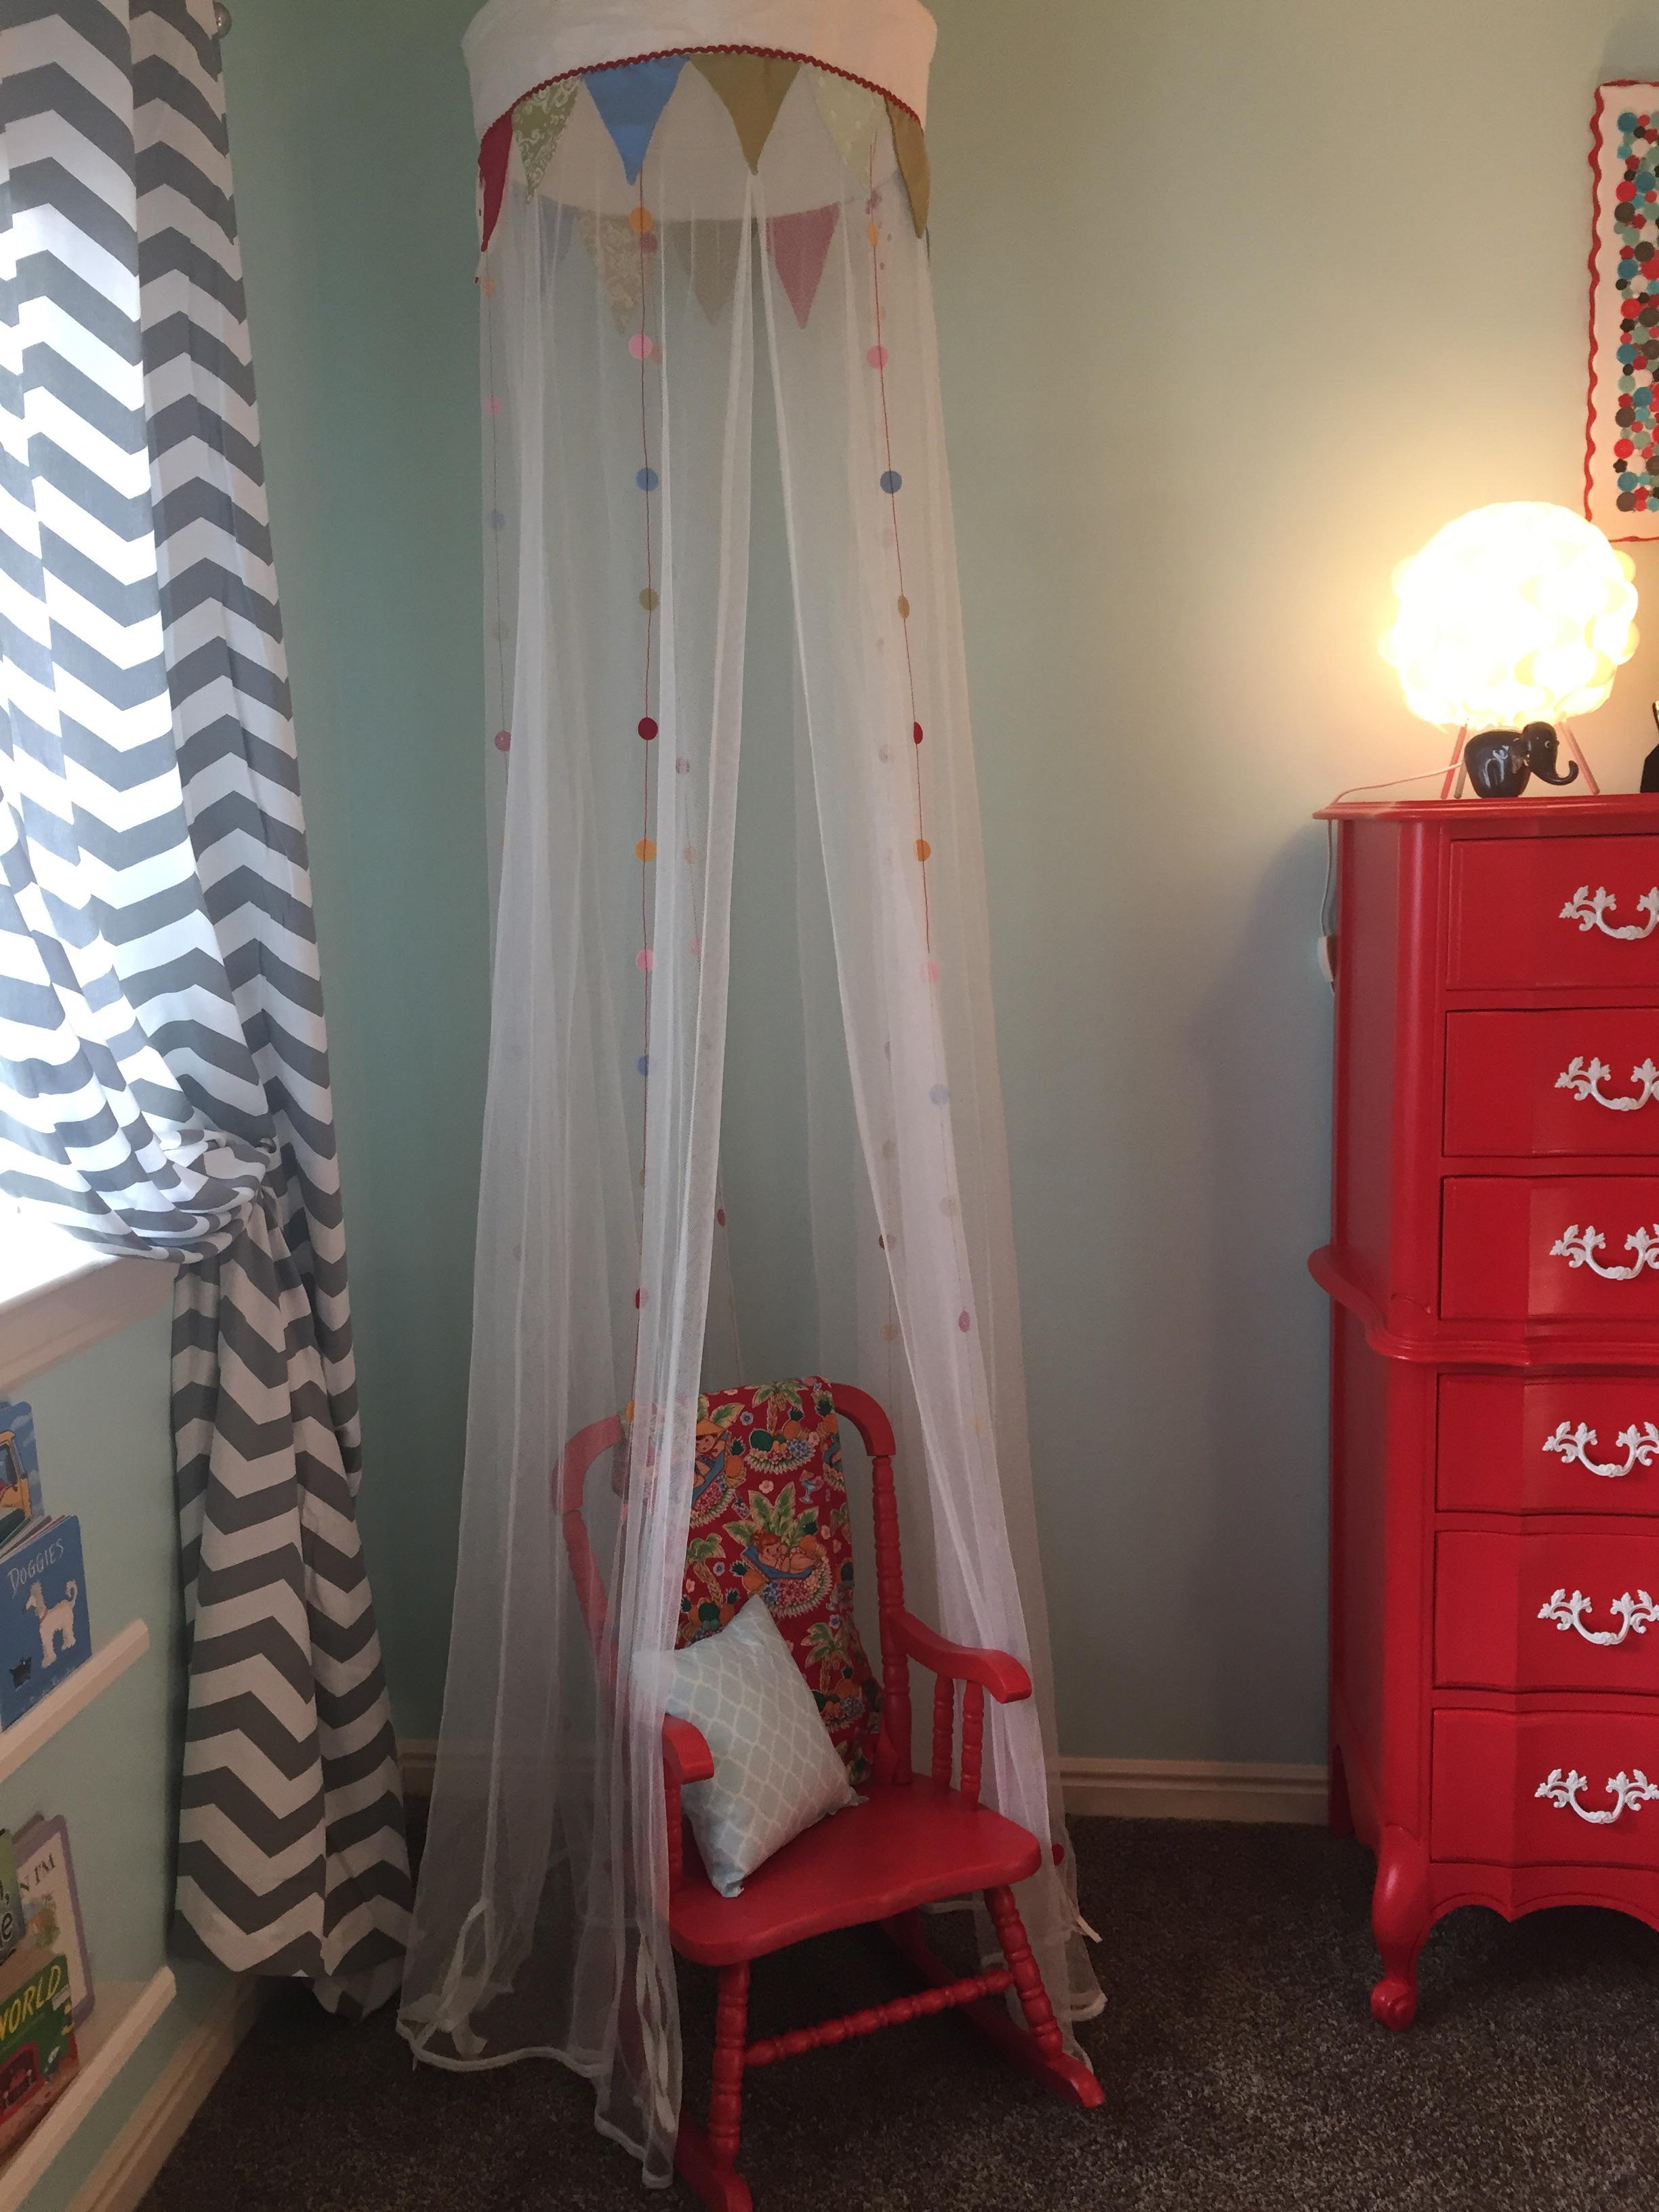 Rocker Free Ikea Fabler canopy Free Minky bikini girl blanket $40 Etsy & A Place For Kelephant u2013 Sabriniated